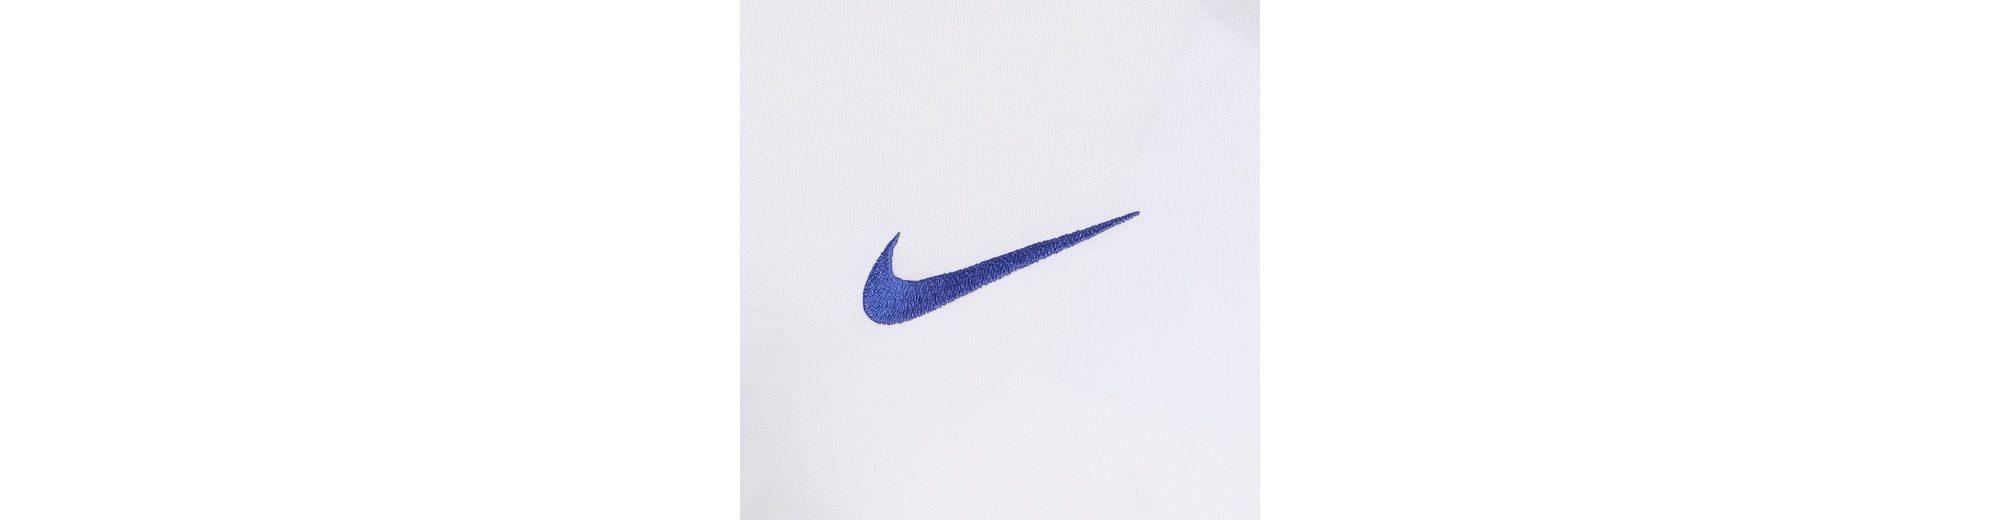 Nike Striker IV Fußballtrikot Herren Spielraum Fälschung Spielraum Offiziellen SbHHDjWVR